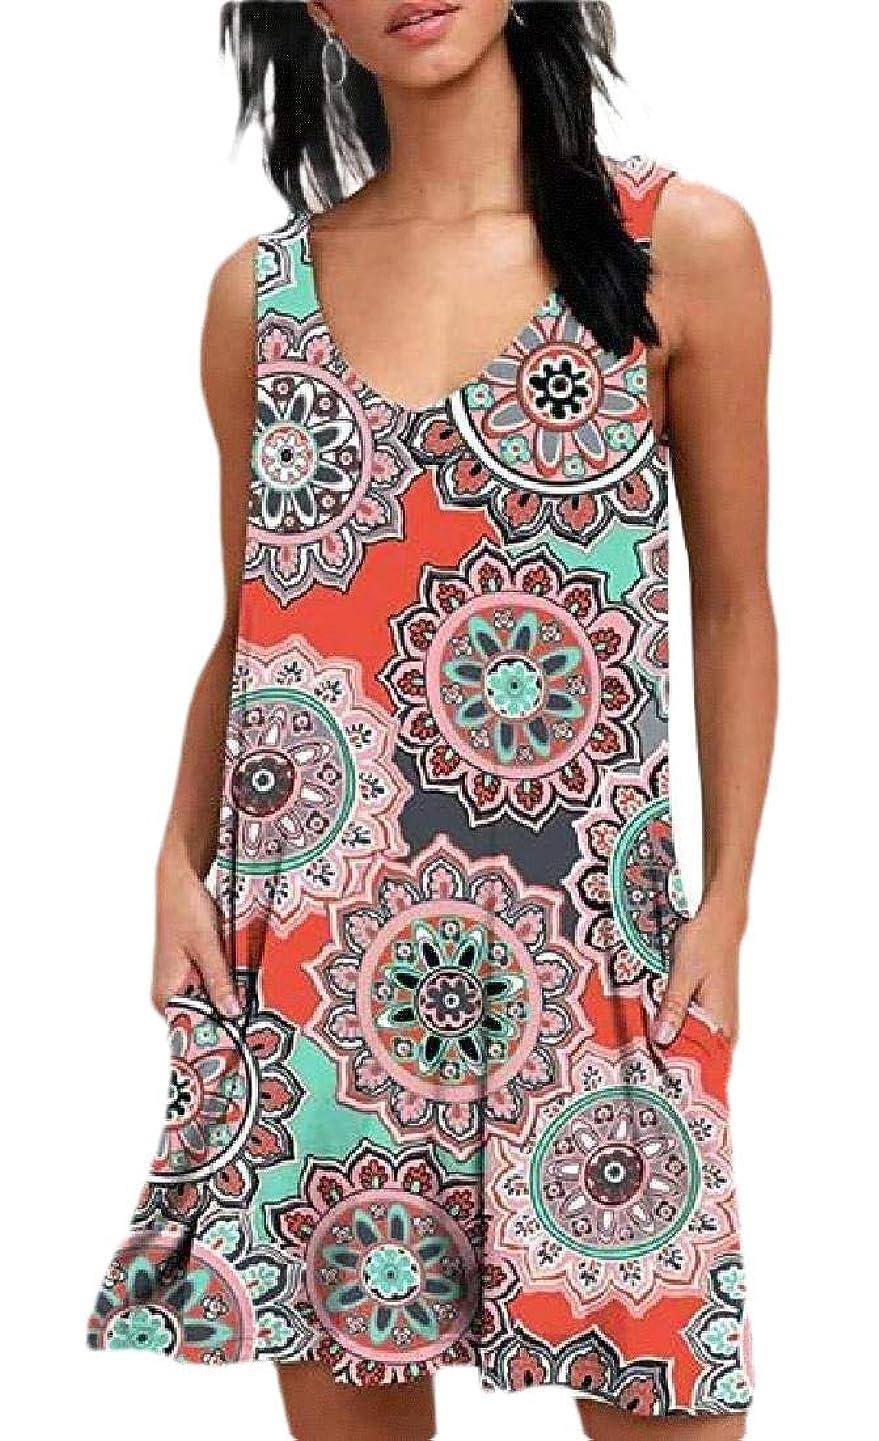 CBTLVSN Women Sundress Sleeveless Floral Printed Beach Swing Short Dress